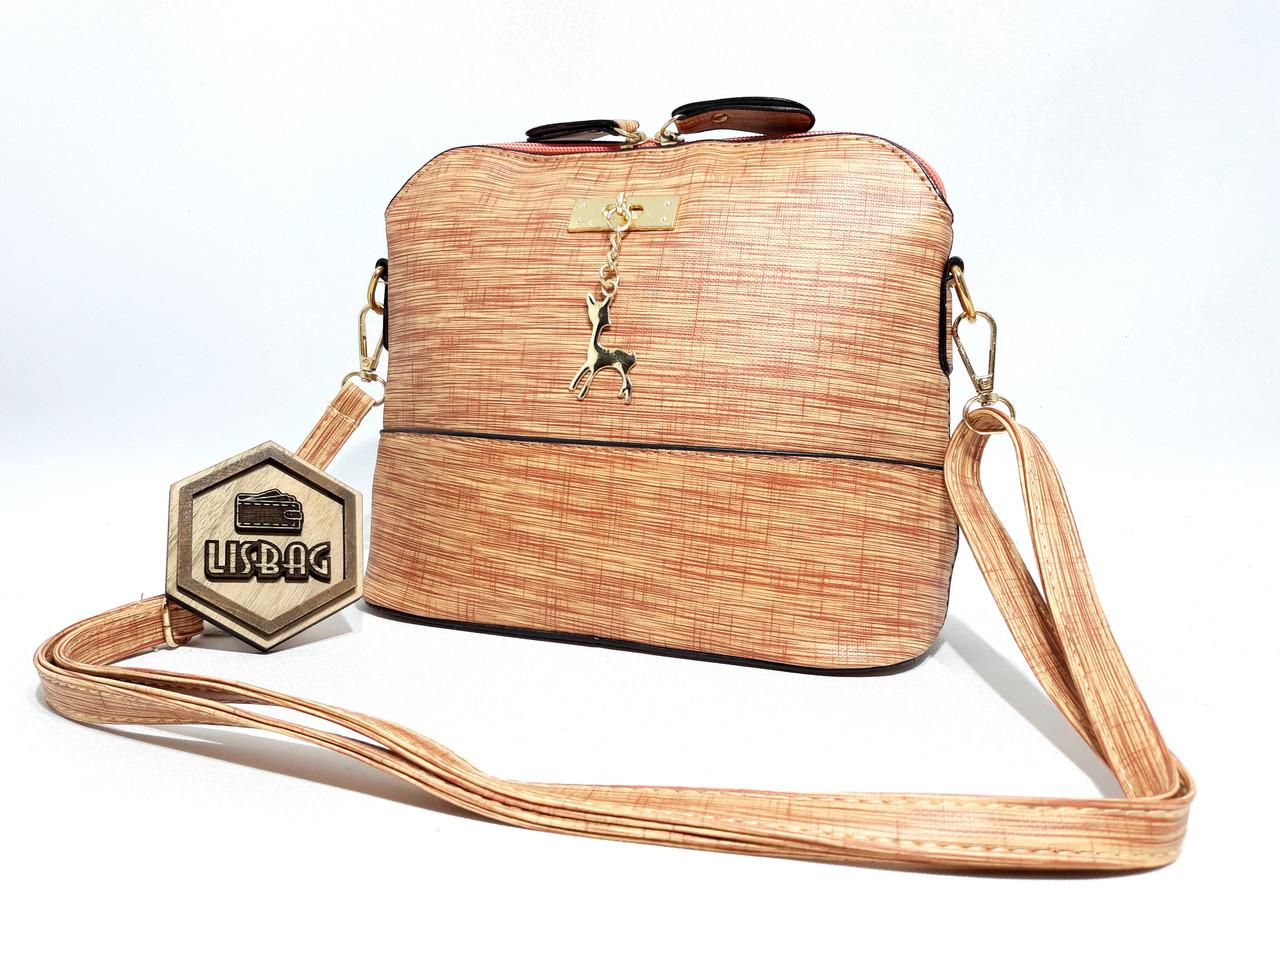 0513f2ed2fb5 Маленькая женская сумка через плечо персиковая с оленем новая модель -  Интернет магазин Lisbag в Умани